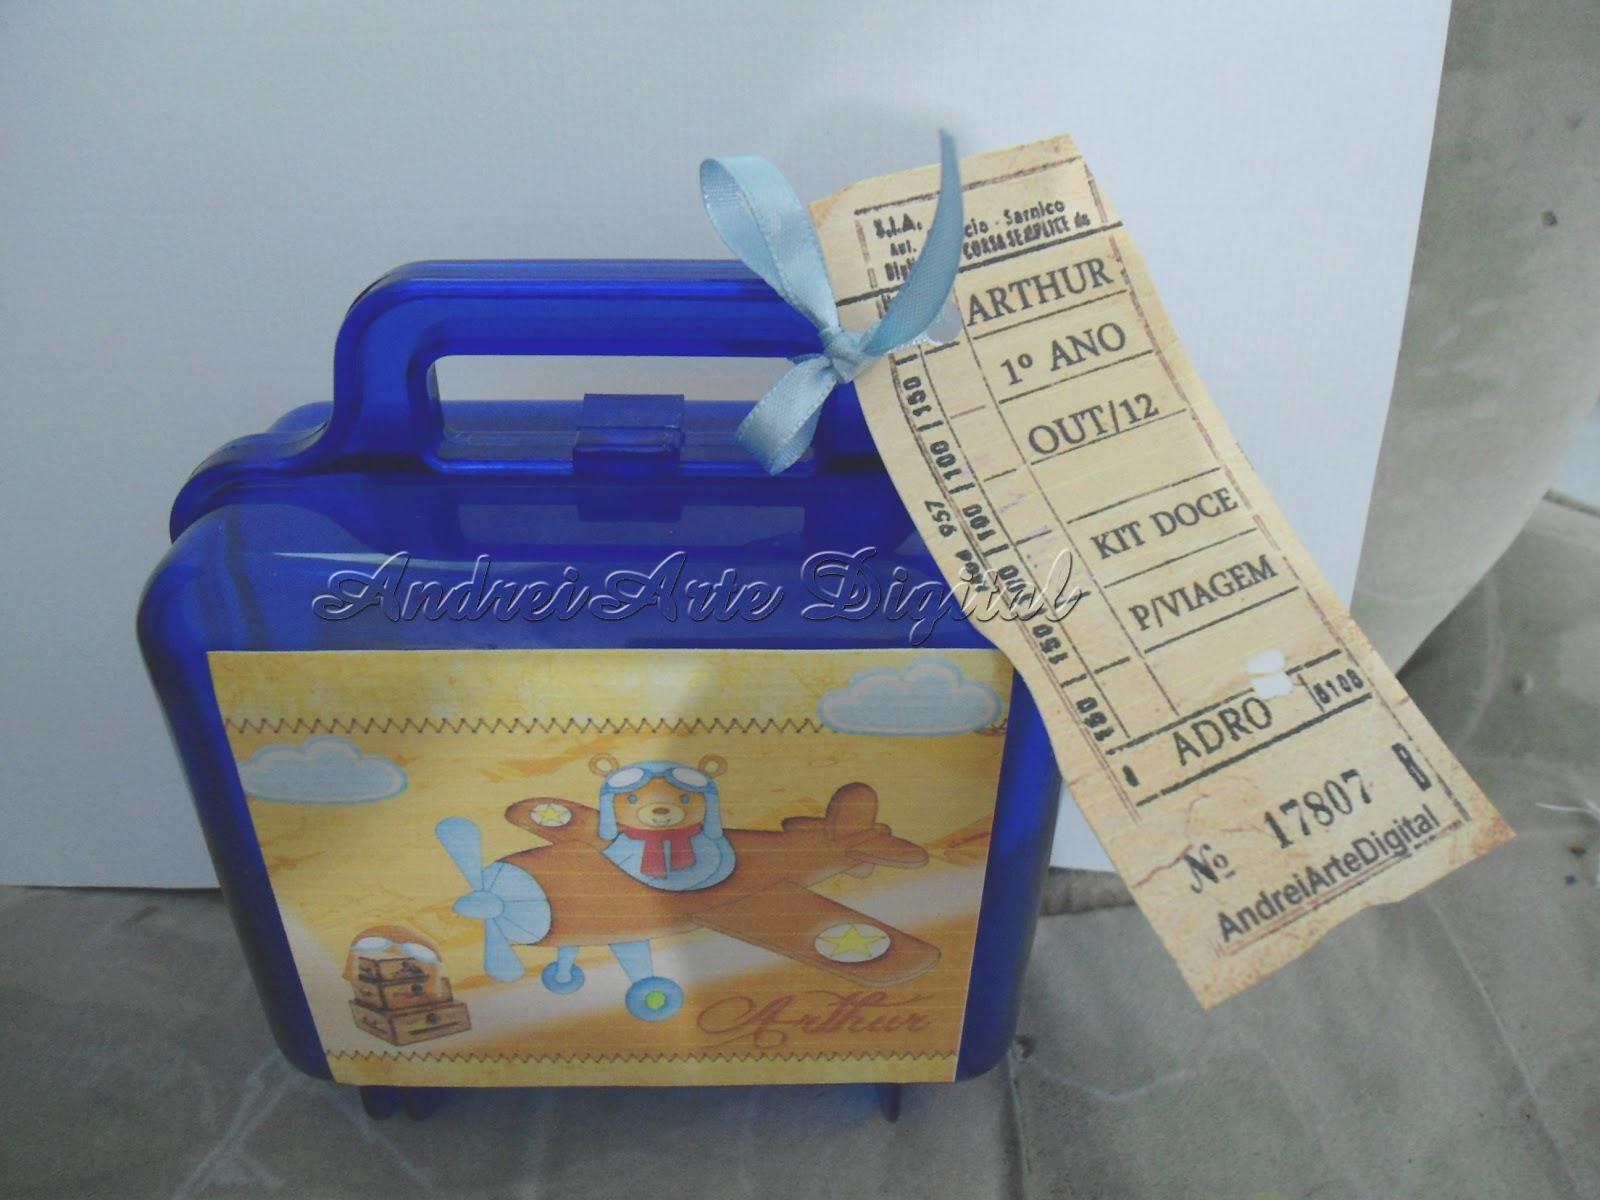 ... maleta para lanchinho ou brinquedos no tema urso aviador, porém não  somente isso, mas sim Urso Aviador Vintage(envelhecido) desenvolvi várias  artes pra ... 9b32bb14ba